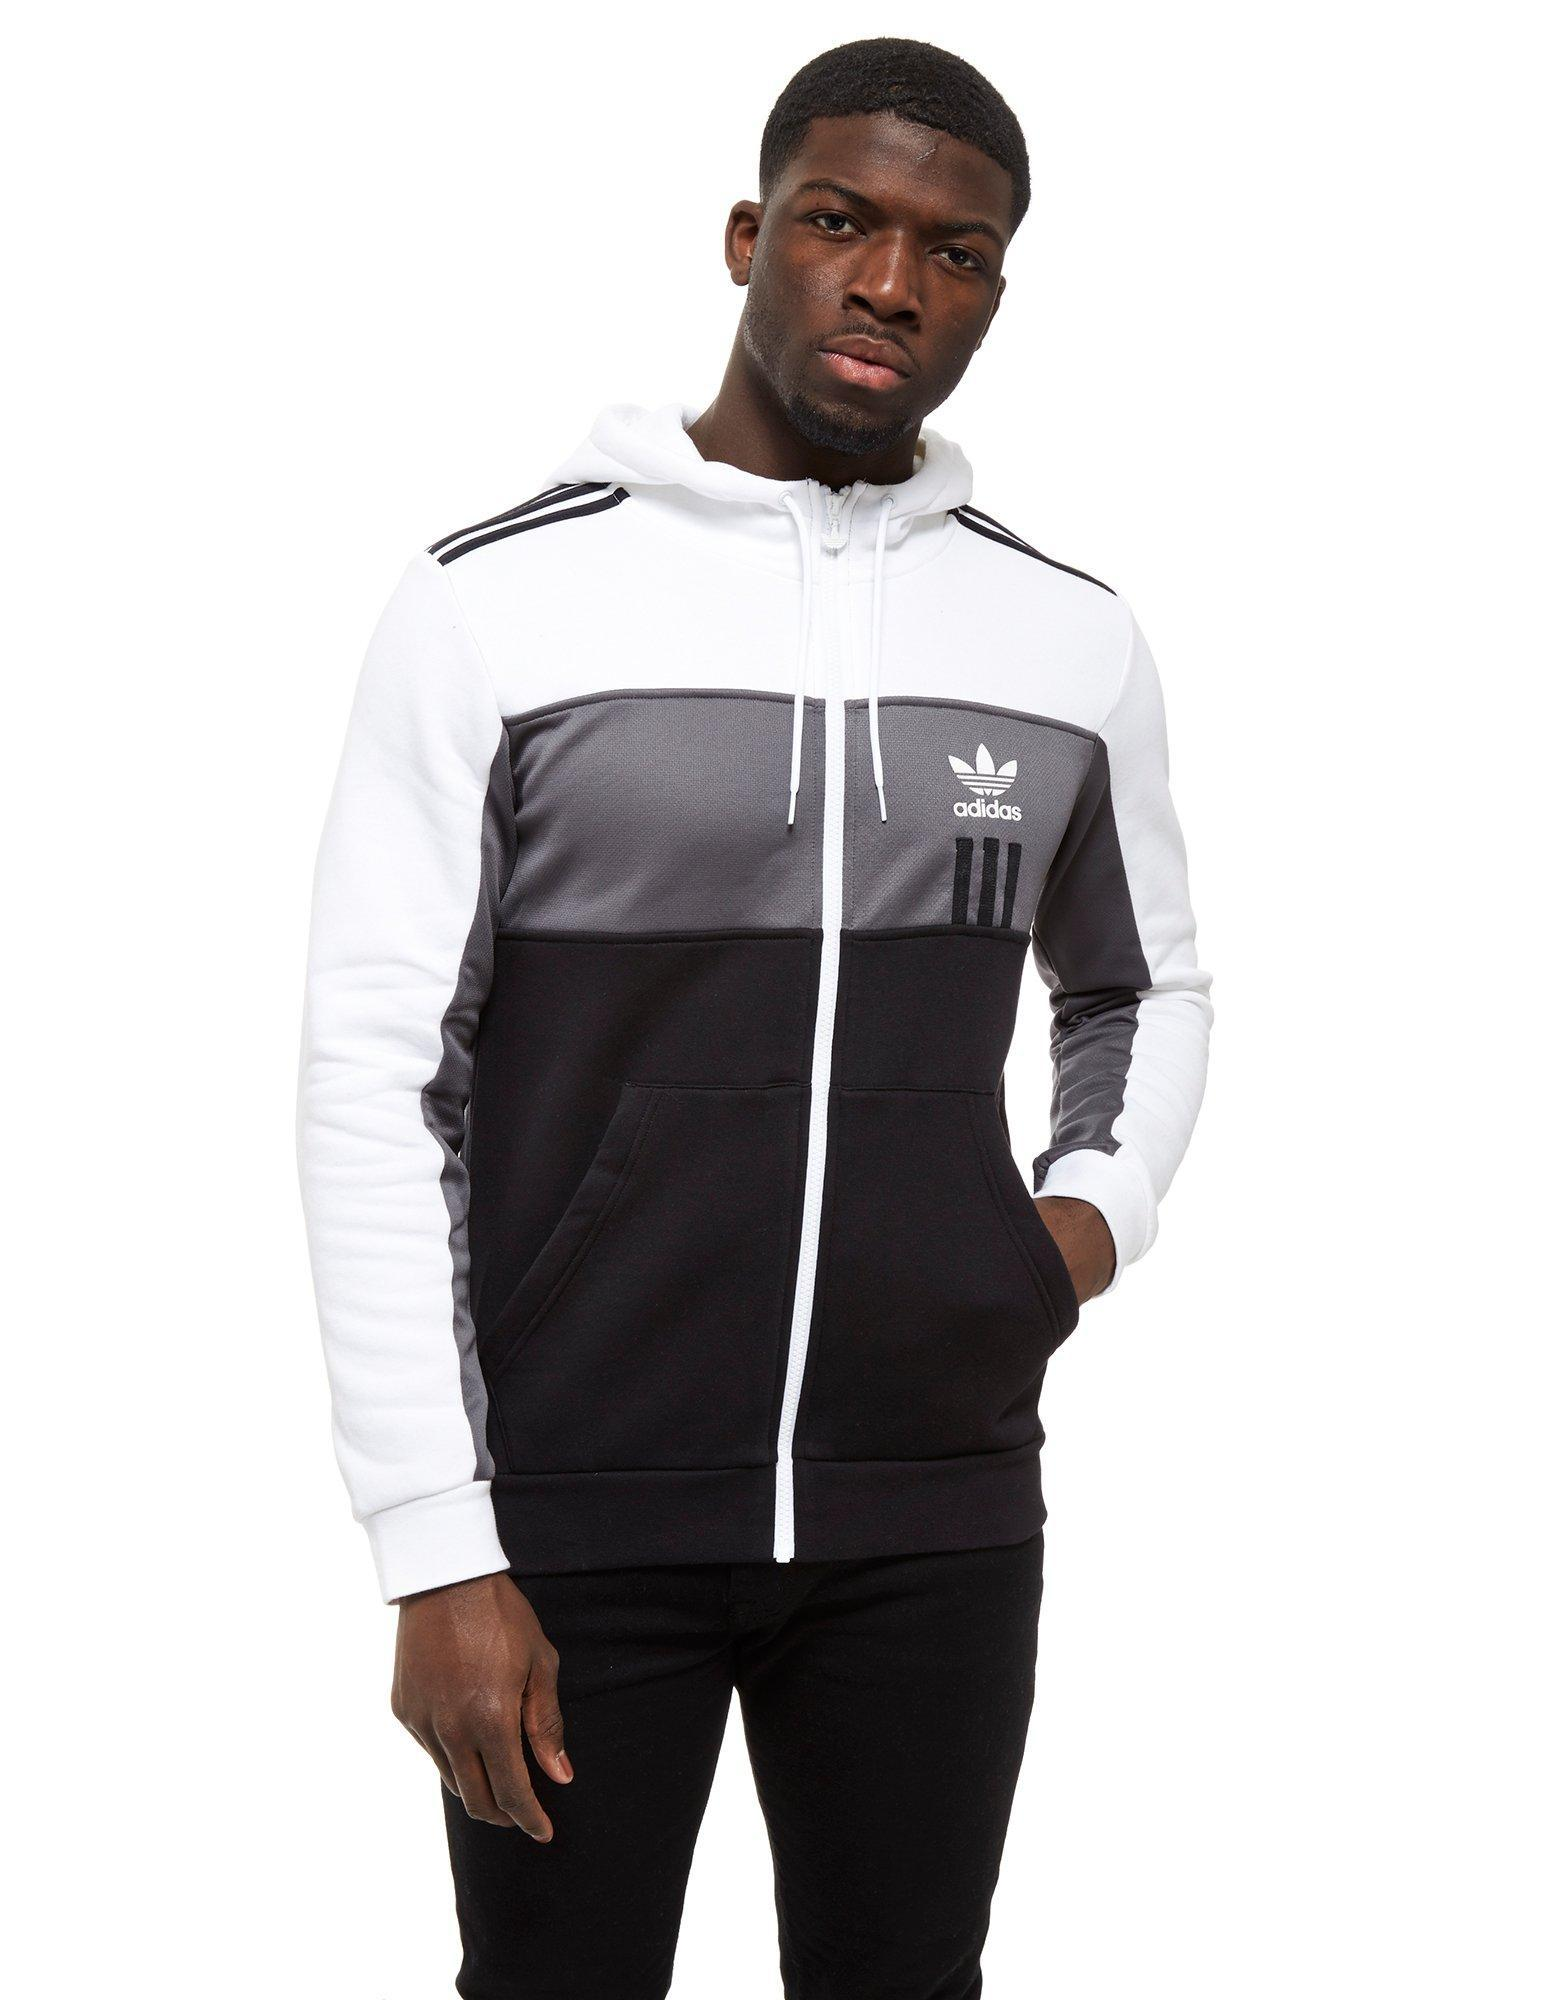 38f24f618 Full Full Full Zip Lyst In Originals Id96 For Hoodie Black Black Black Adidas  Men qawSEPtzn